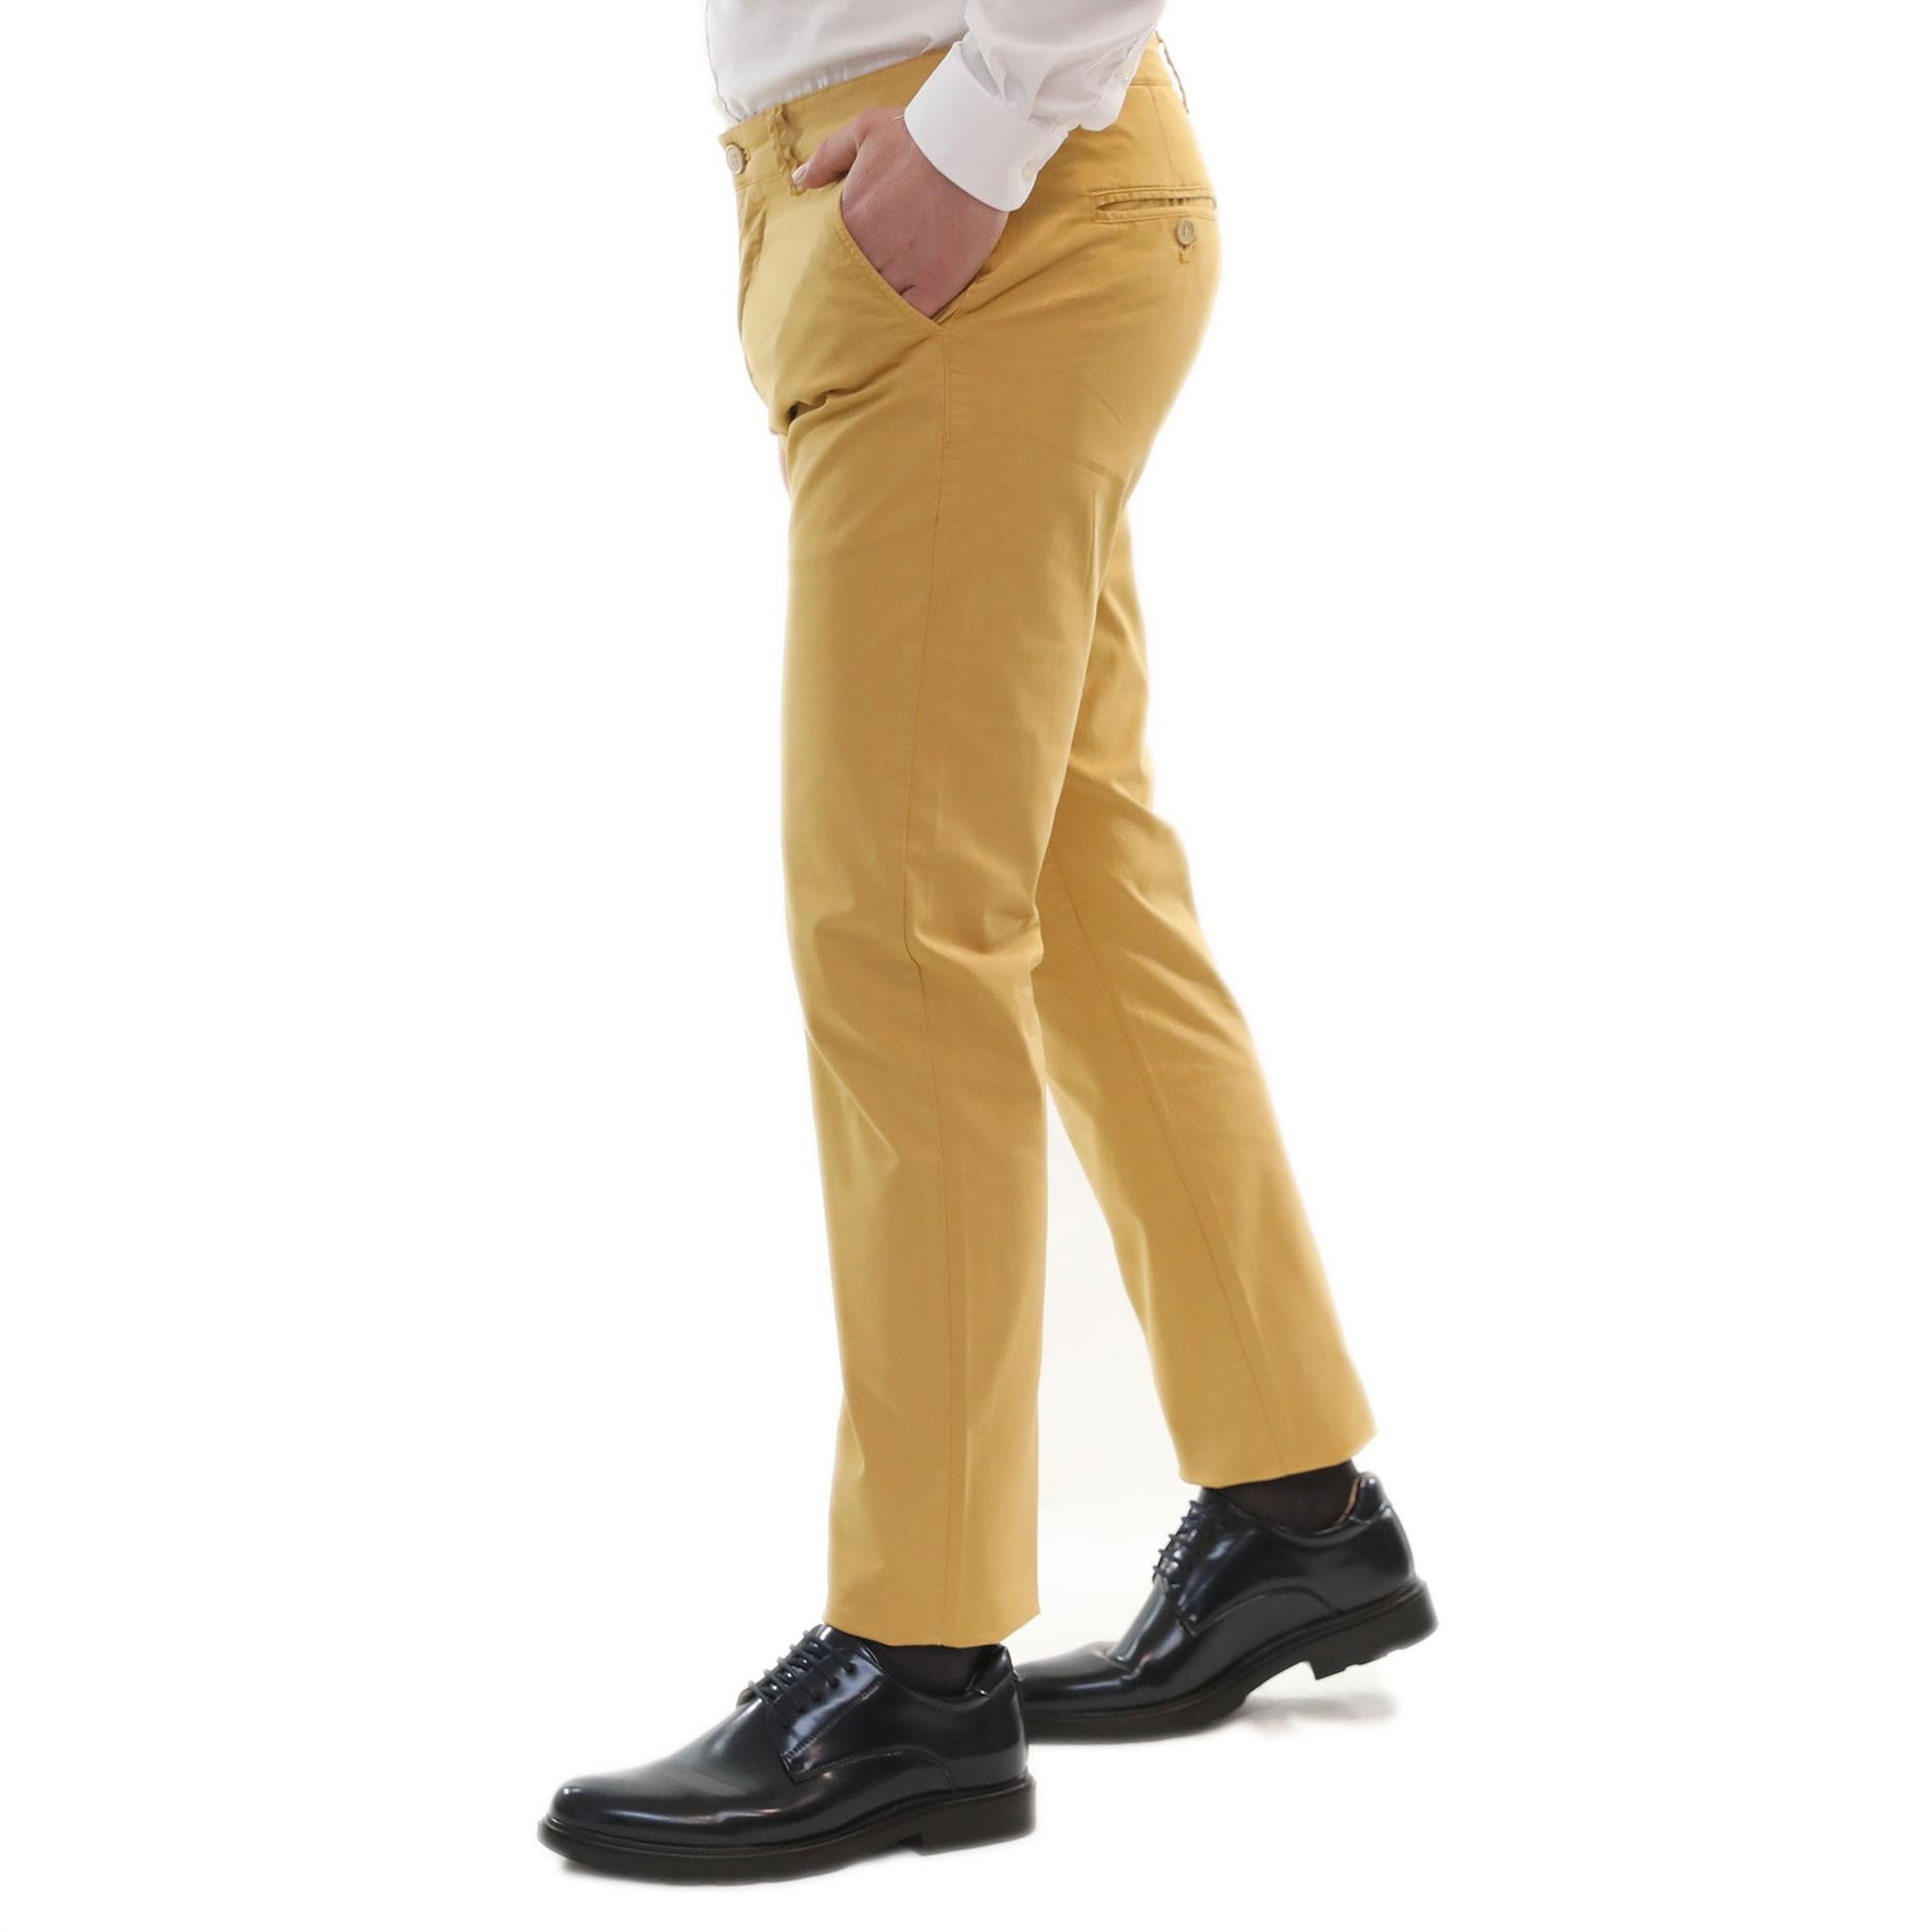 Pantaloni-Uomo-Estivi-Cotone-Chino-Slim-Fit-Elegante-Tasche-America miniatura 7